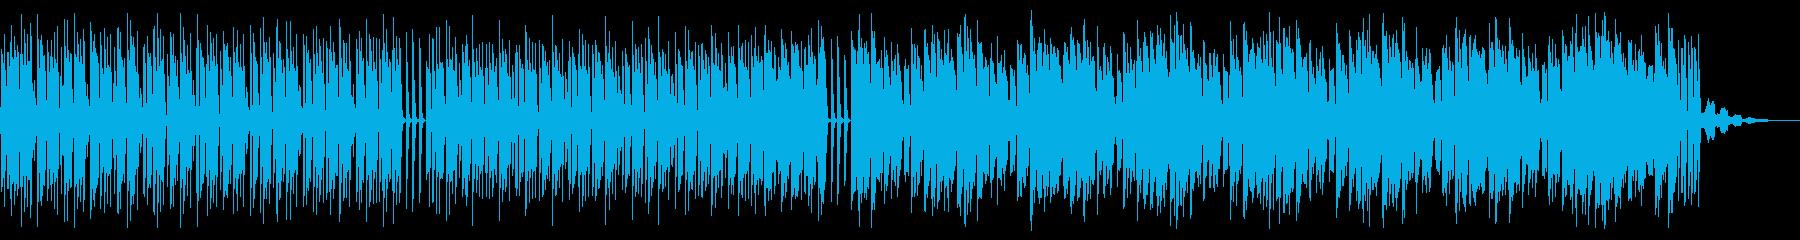 シンプルでビートの強いテクノ_3の再生済みの波形